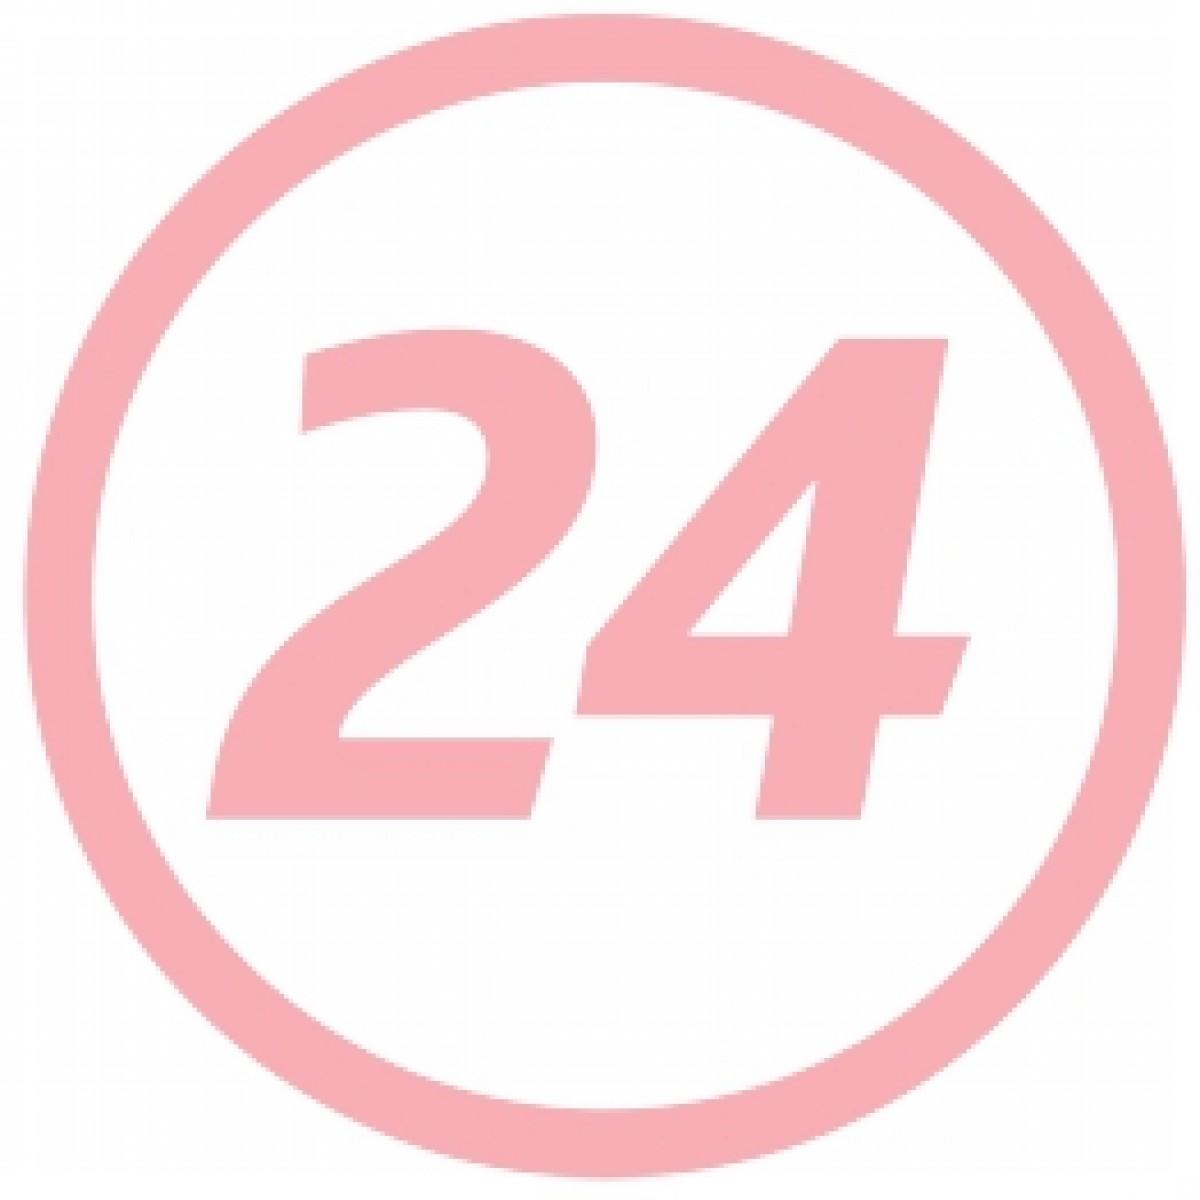 Zdrovit Calciu Magneziu Zinc Vitamina C Efervescent, Comprimate, 20 buc